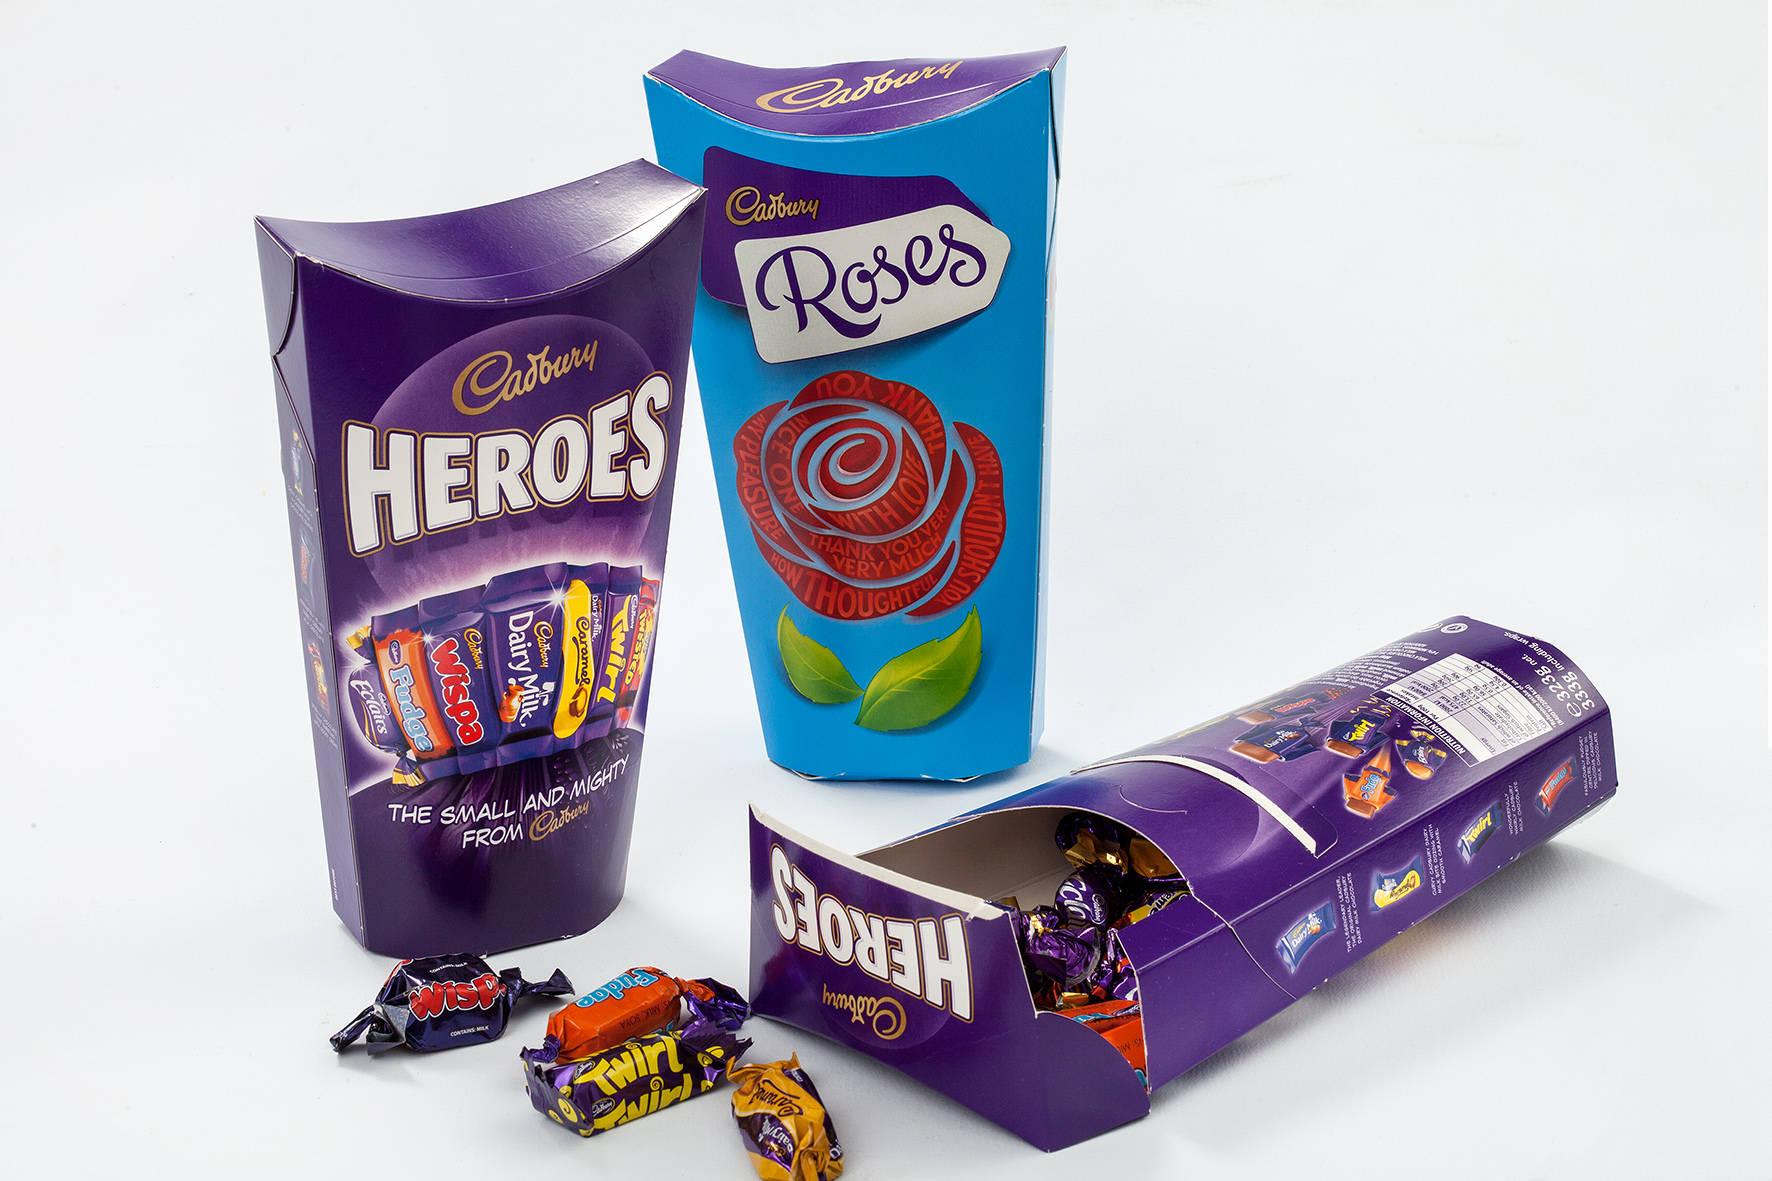 Cadbury Heroes & Roses